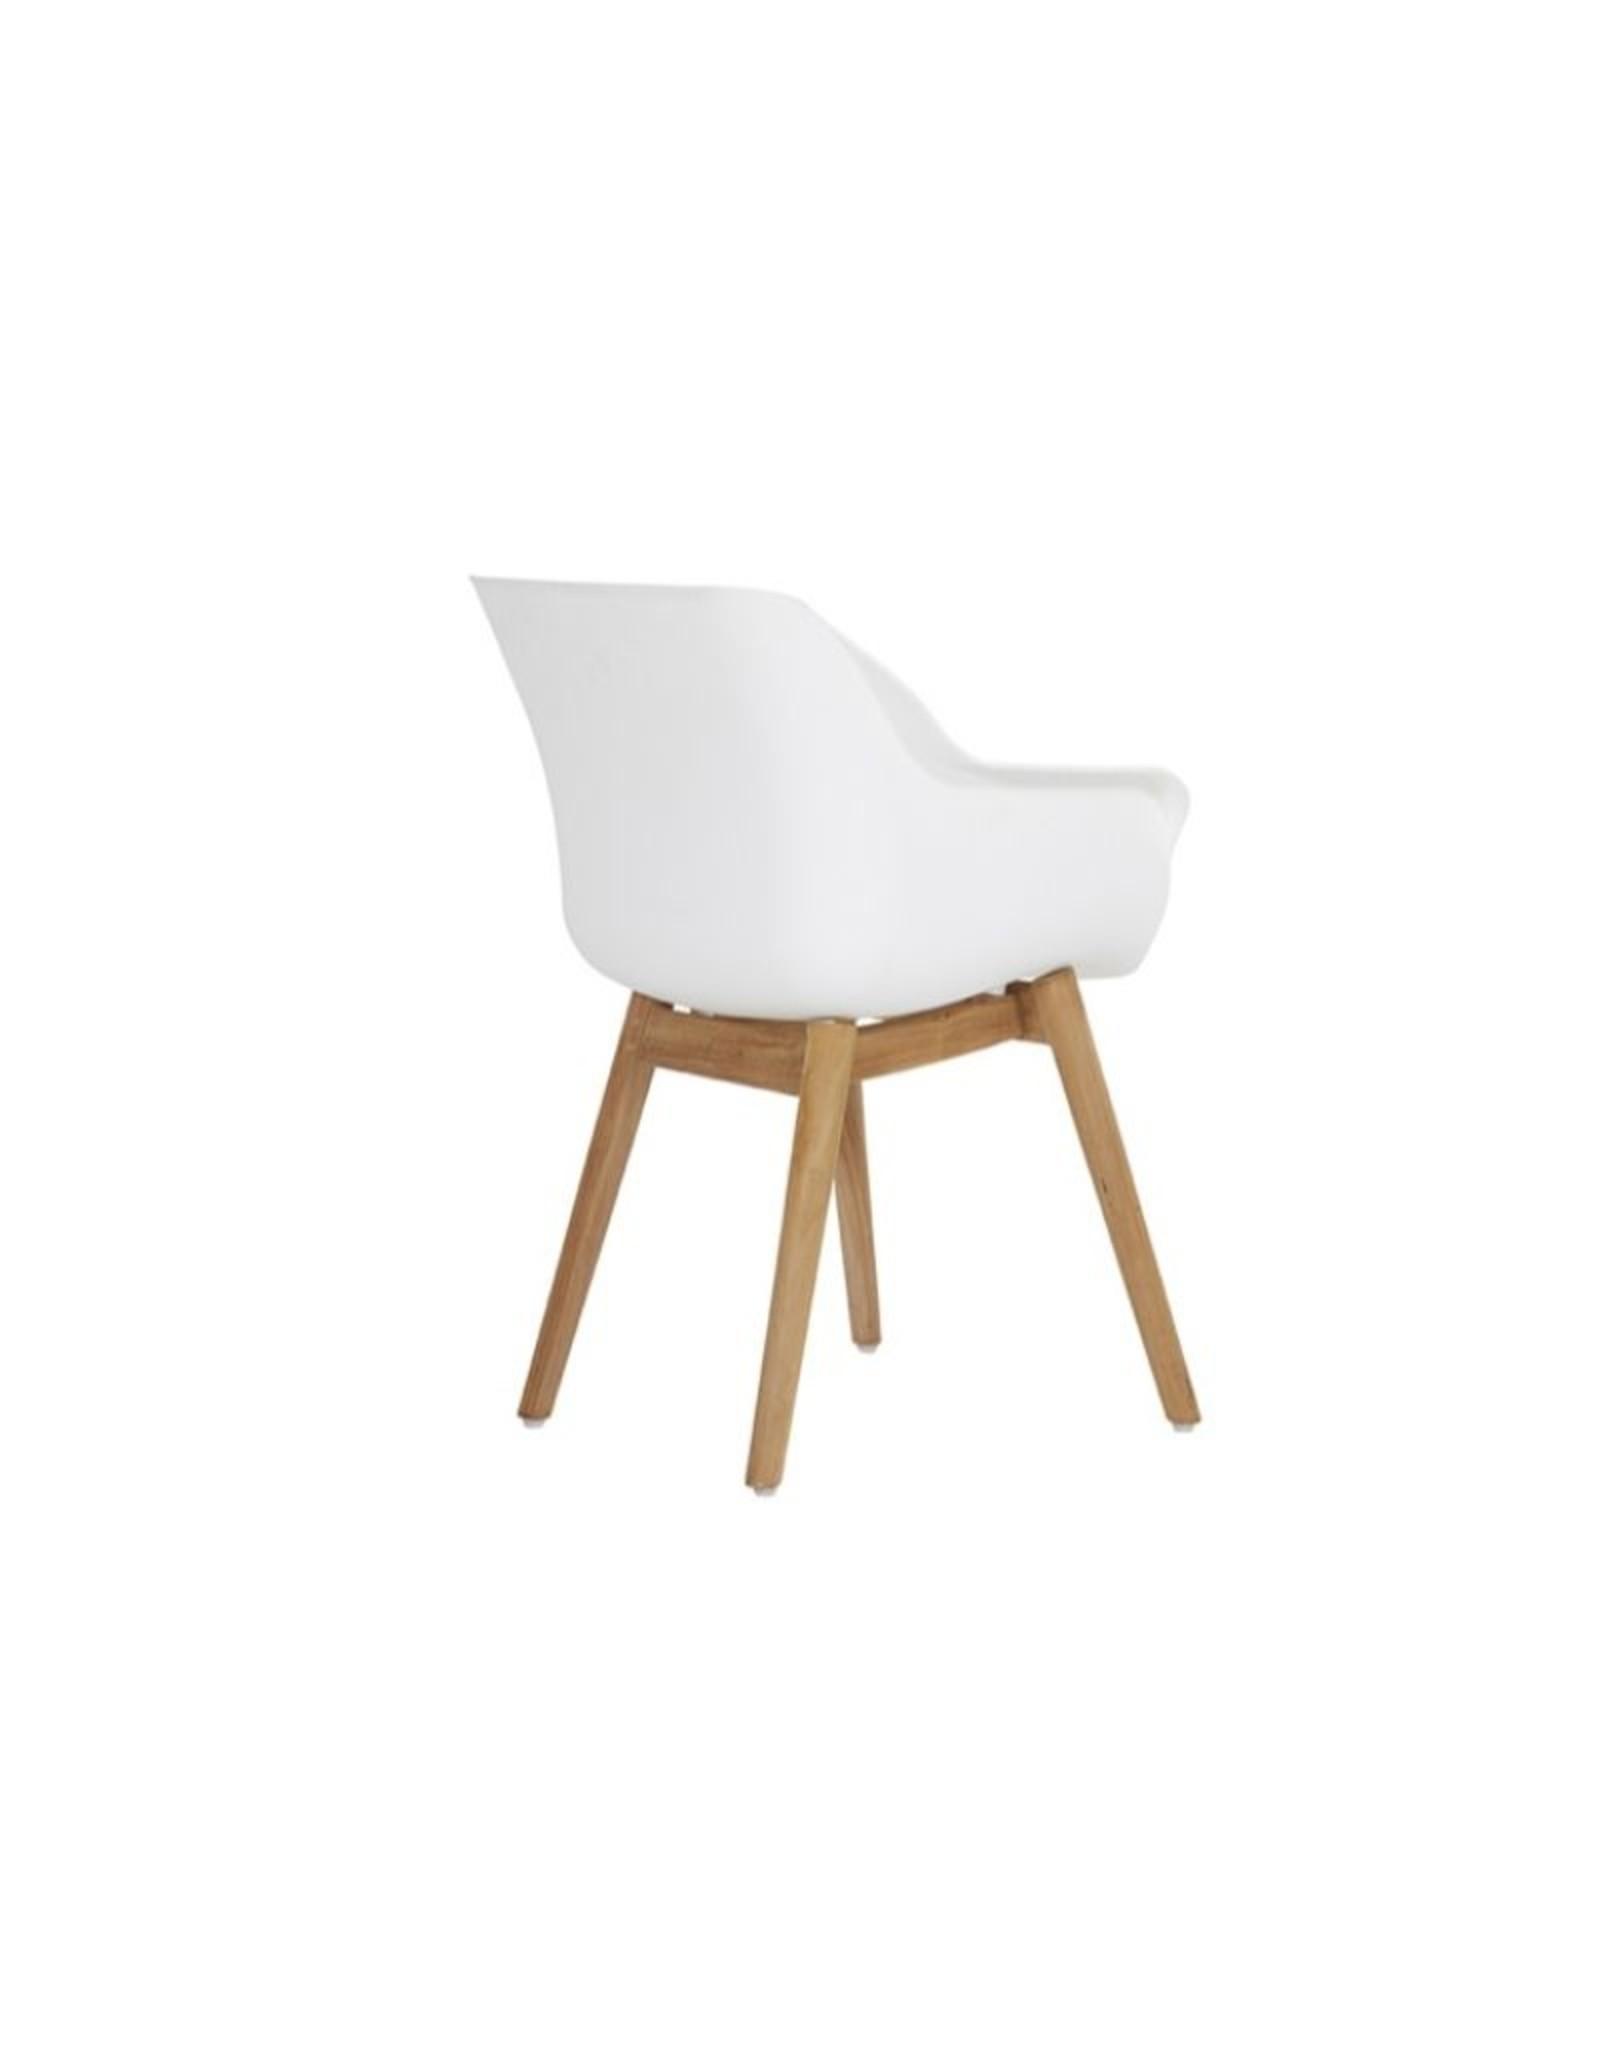 Hartman Hartman set 5-delig Sophie studio teak set met tafel 120cm rond WIT-TEAK